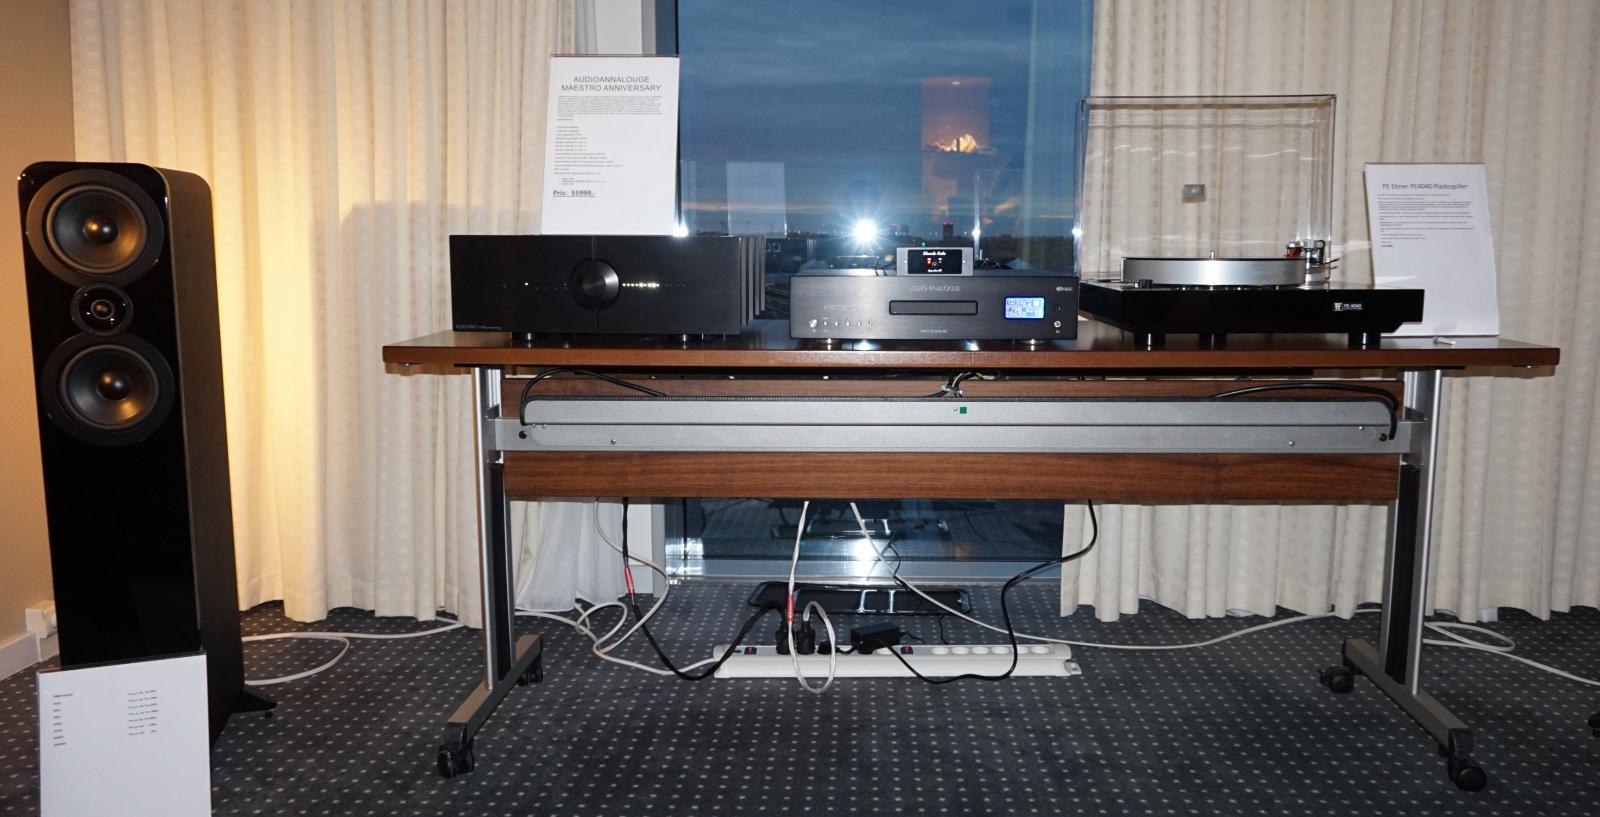 Hos Hi-Fi Store spillede man på PE Ebner-pladespilleren, Audioanalogue-elektronik og Q Acoustics højttalere. Foto: John Alex Hvidlykke, Lyd & Billede